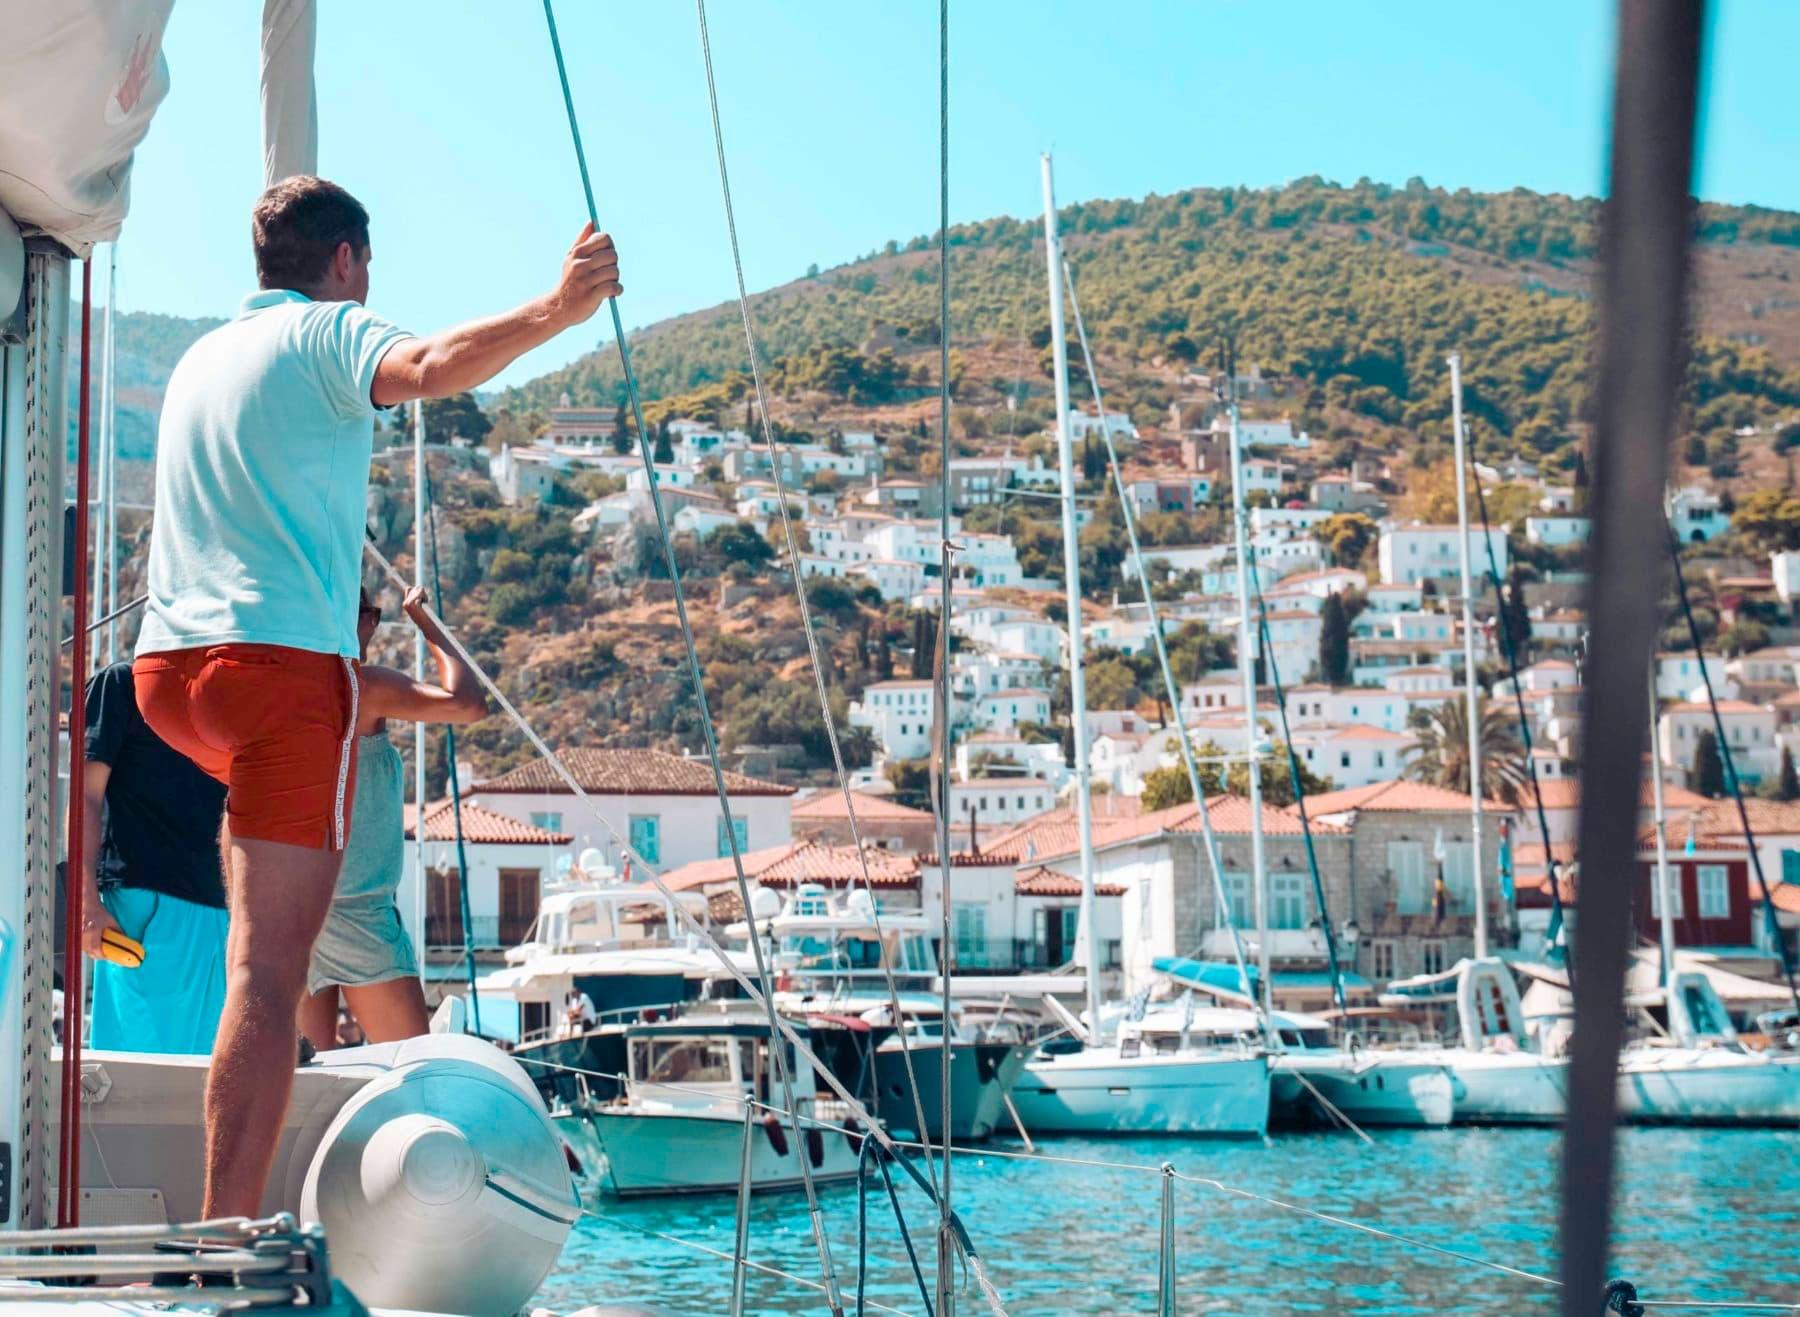 Lerne selber Segeln und werde Kapitän auf eine Segelyacht   sailwithus